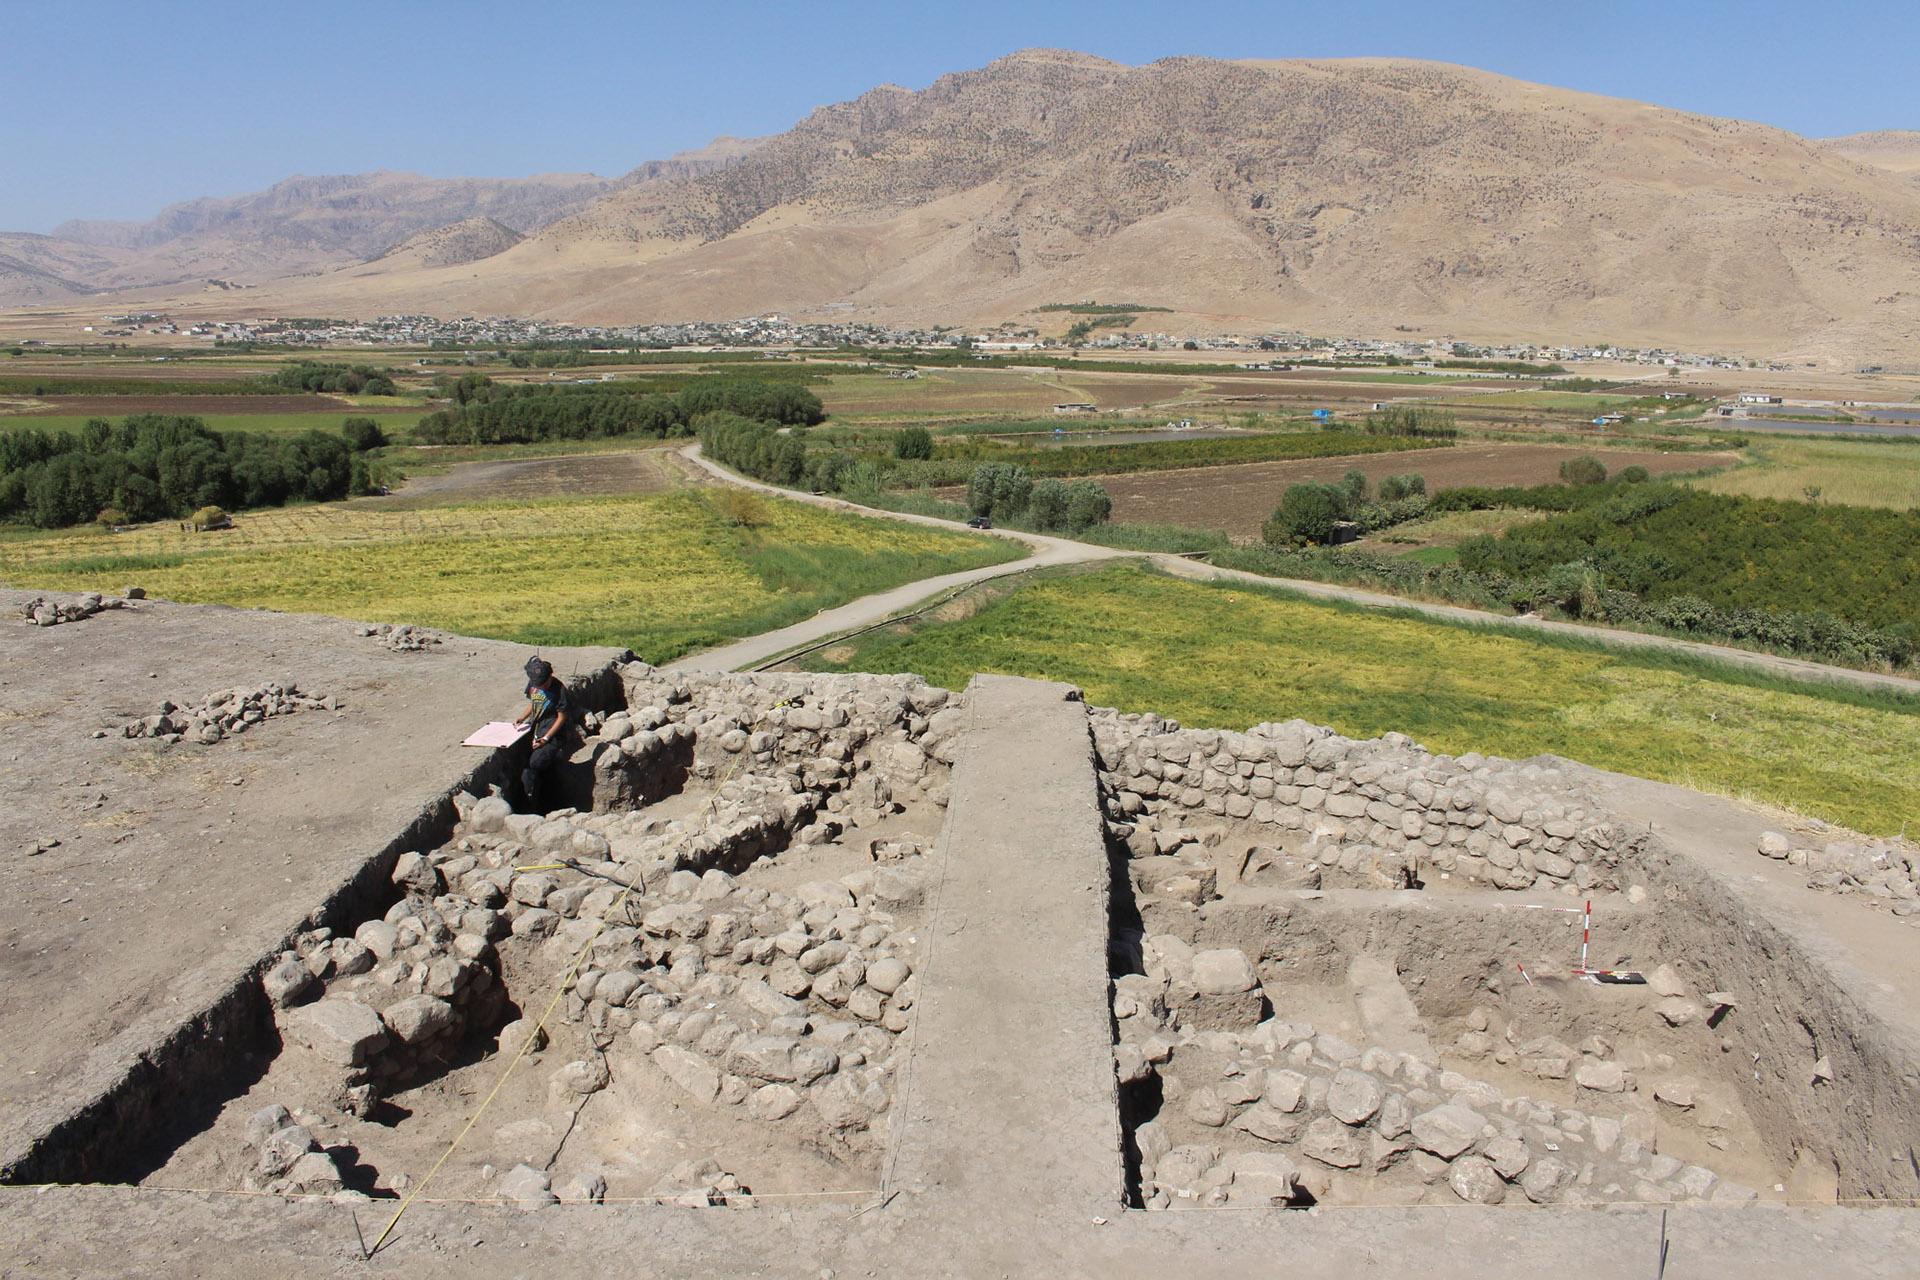 Grd-i Tle ásatás, az I. felszín nyugat felől. Az I. felszín nyugat felől. Az ELTE régészeti ásatása, Iraki Kurdisztán, Grd-i Tle, 2016-os évad.